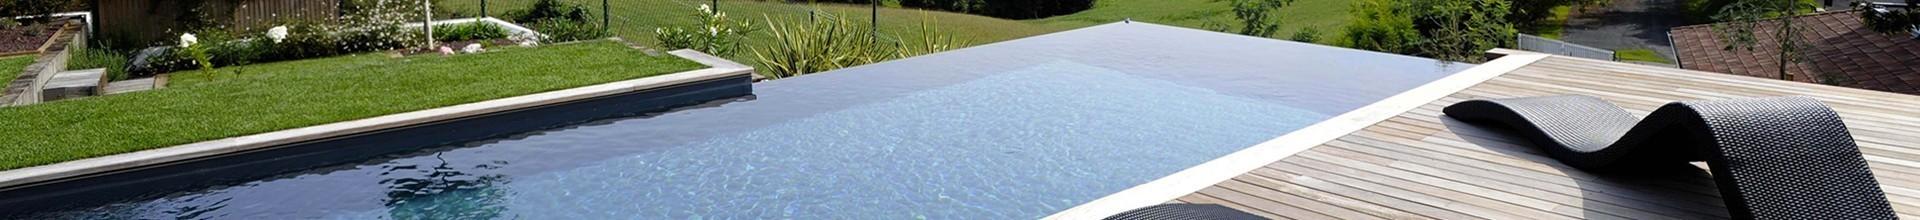 Luxembourg conception conteneur piscine coque sur mesure Diekirch